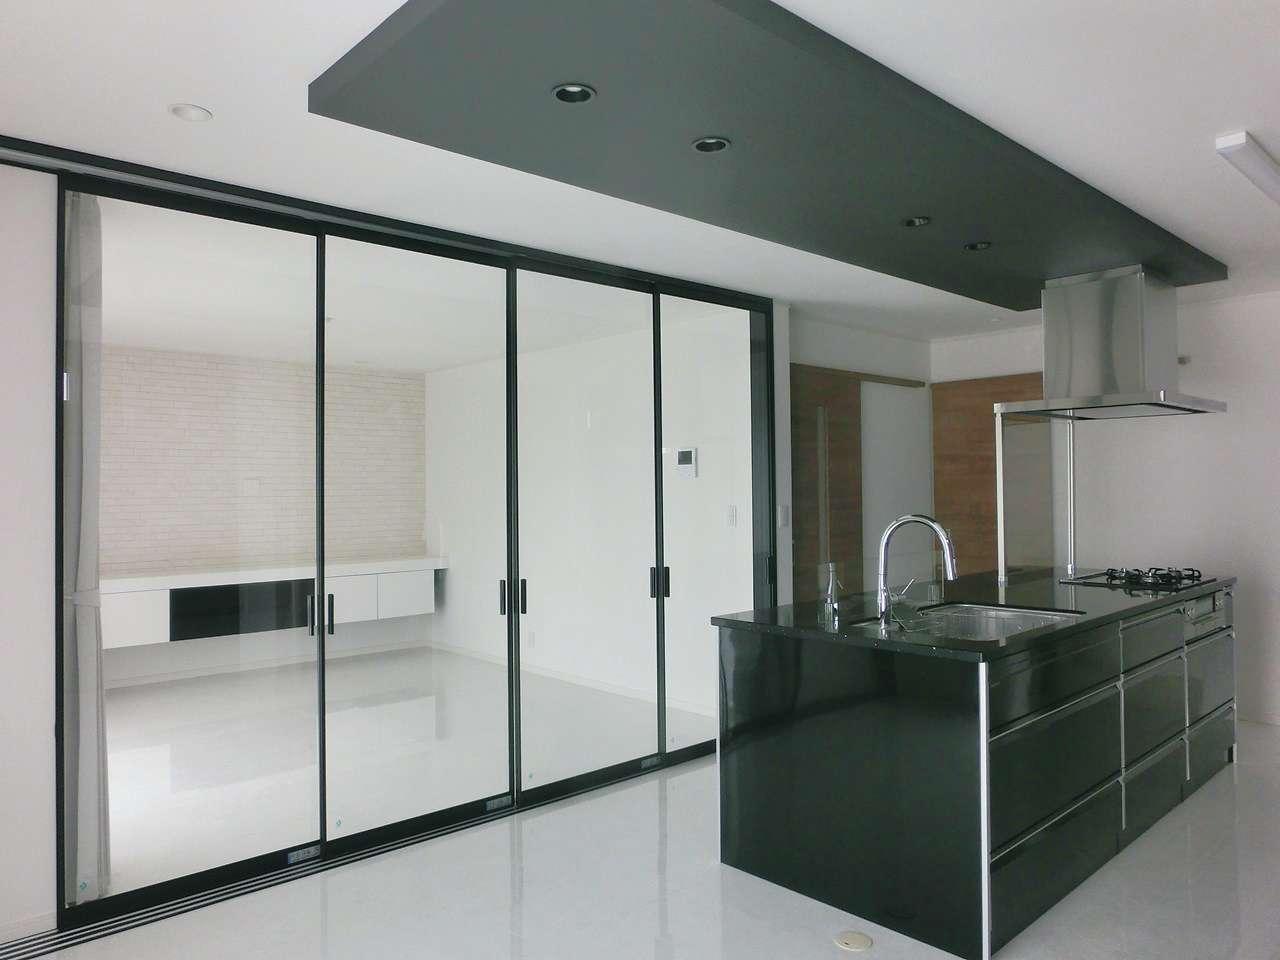 朝日住宅【デザイン住宅、高級住宅、インテリア】リビングとの境目には、こだわり抜いたガラス戸が存在感を放つ。光が通り抜ける開放感と、ドアを閉めて空間を仕切れる利便性が共存